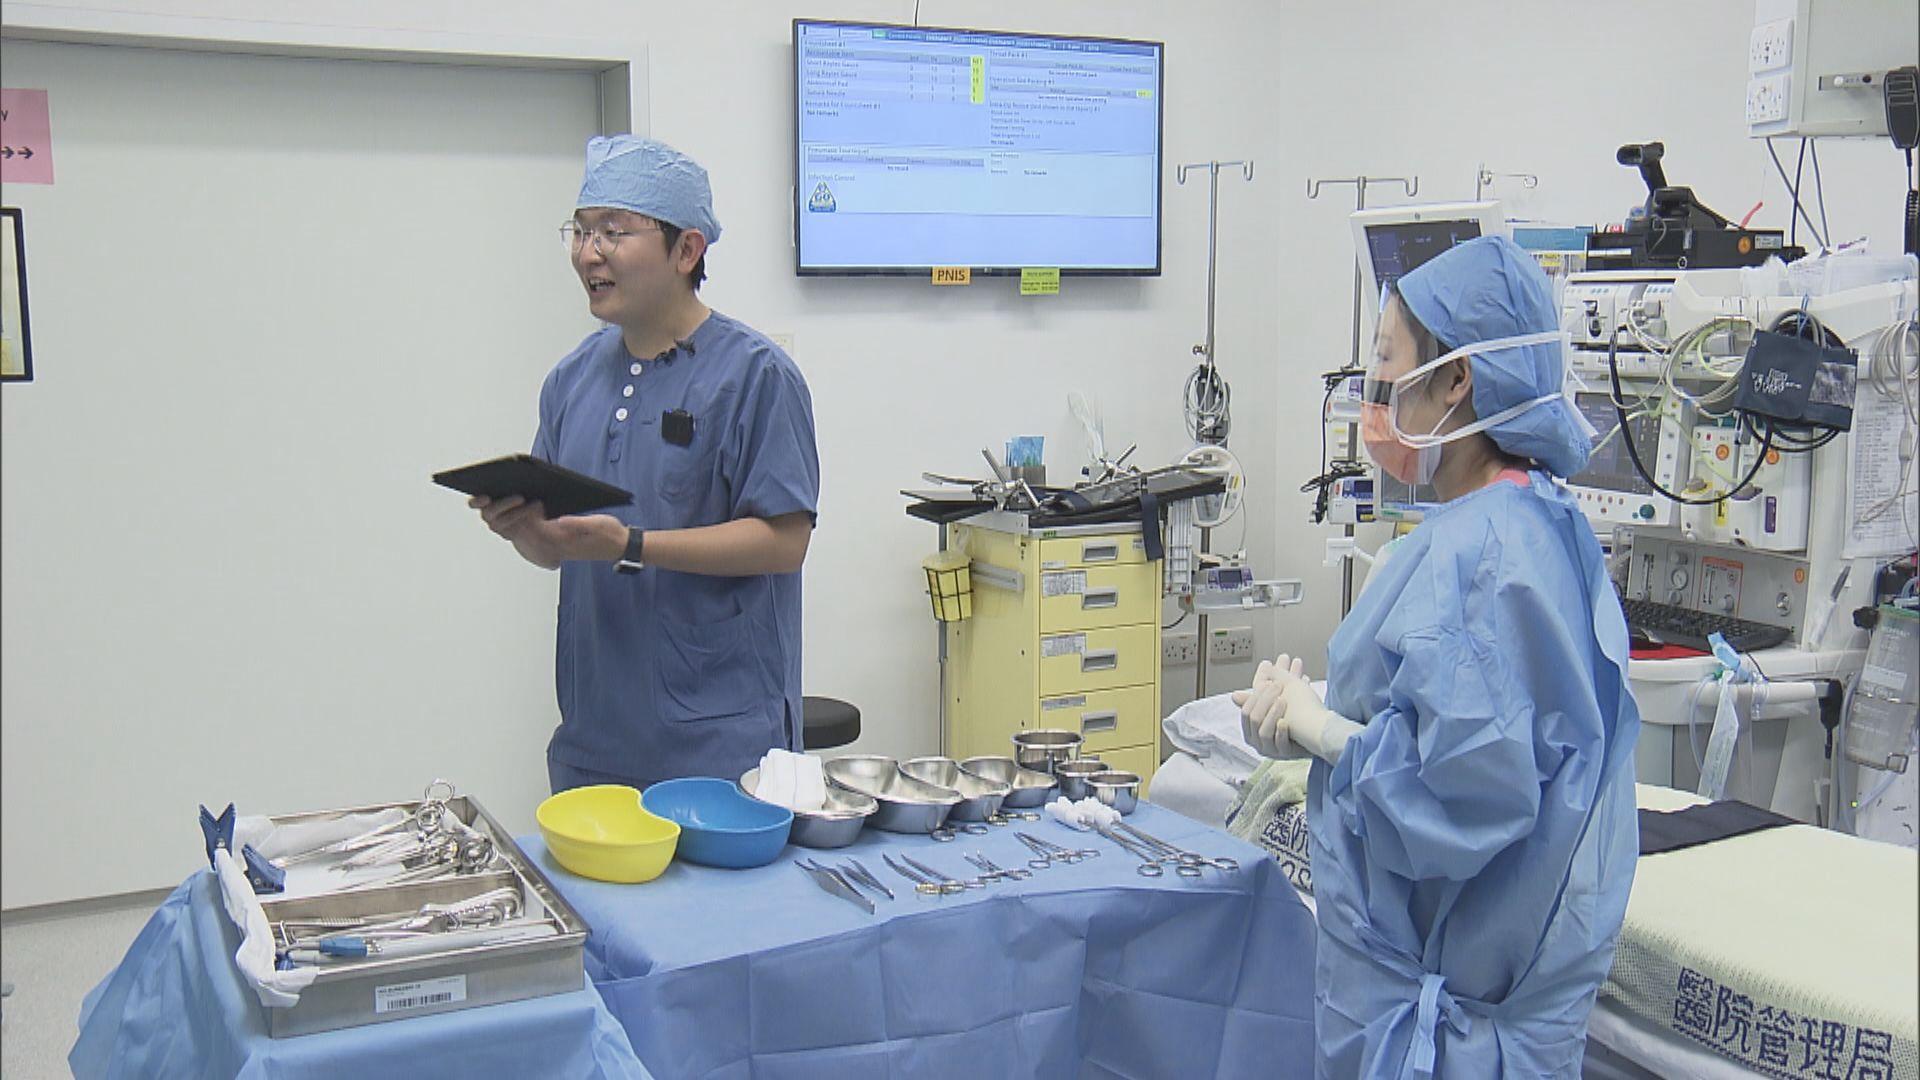 將軍澳醫院手術室智能化以提升運作效率